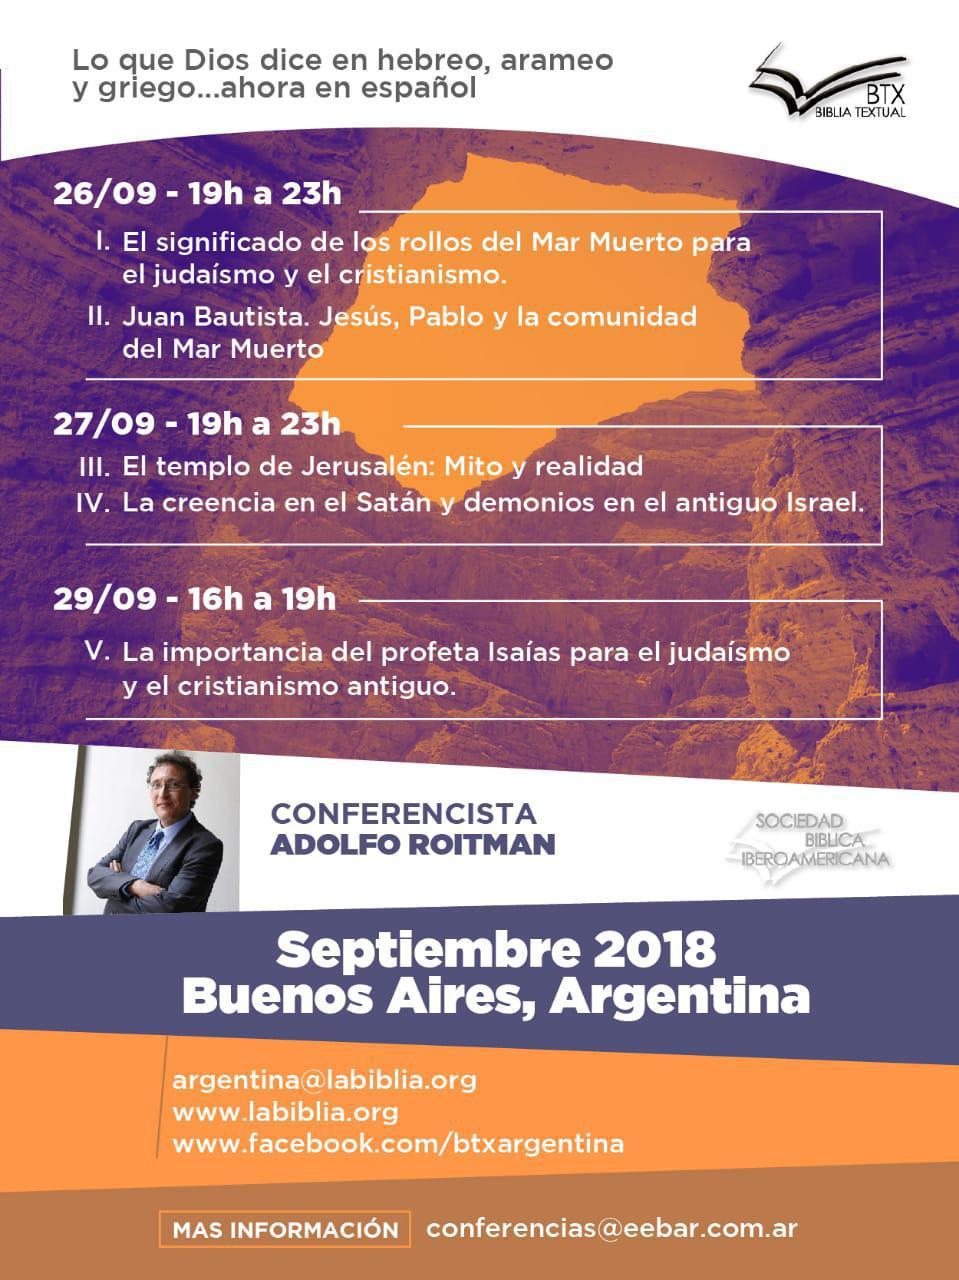 Argentina SEP 2018